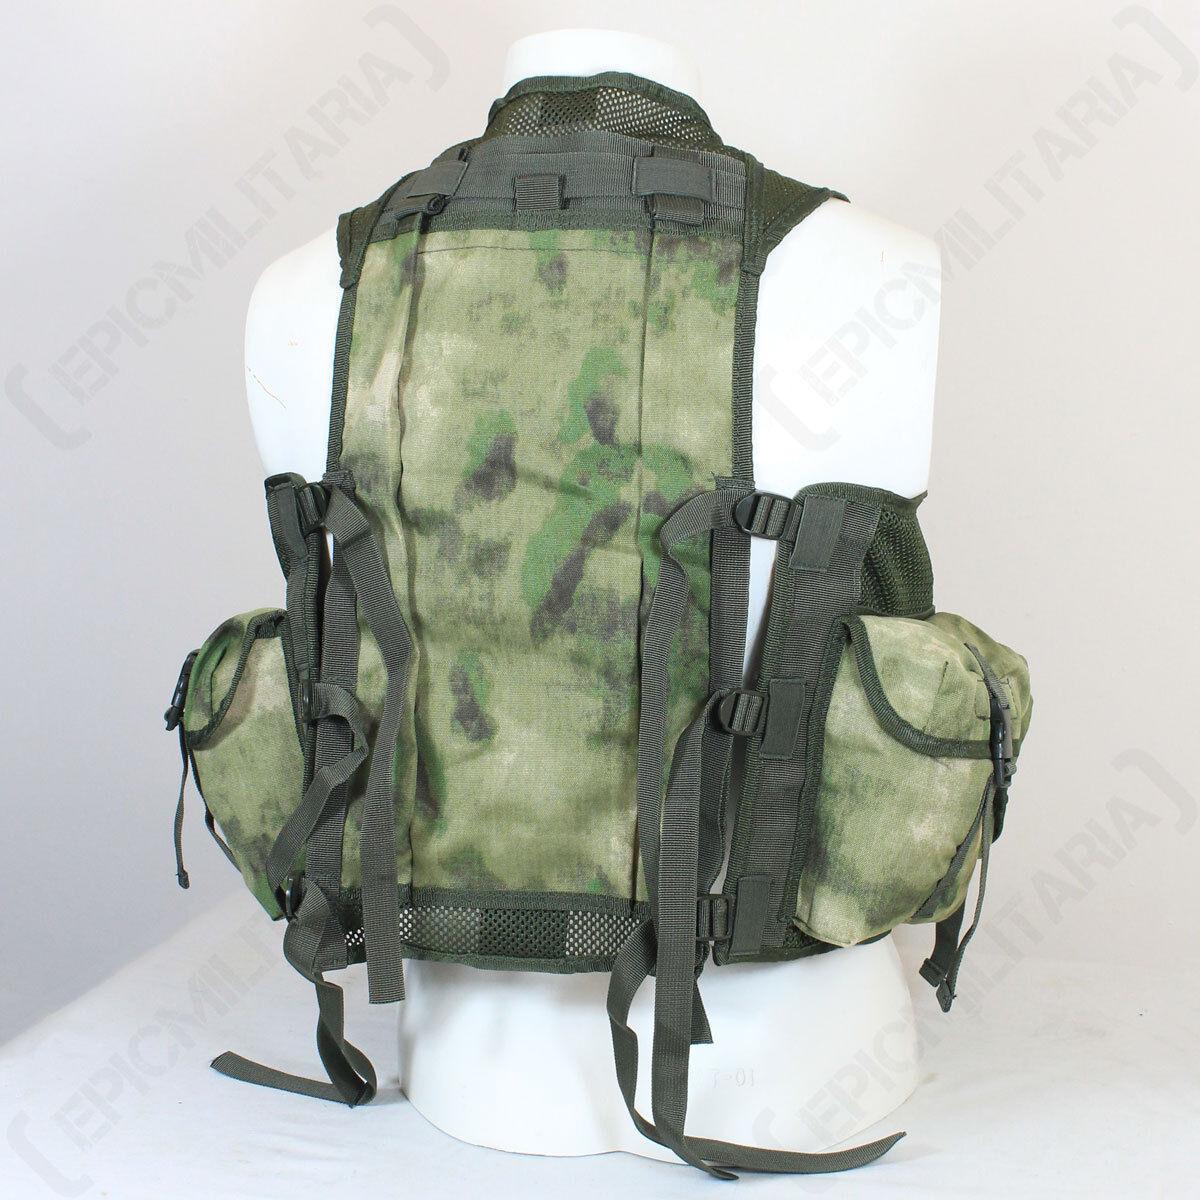 9 Bolsillo Mil TAC FG Táctico Chaleco - Asalto Asalto Asalto Combat Airsoft Paintball Cadetes 99c8af